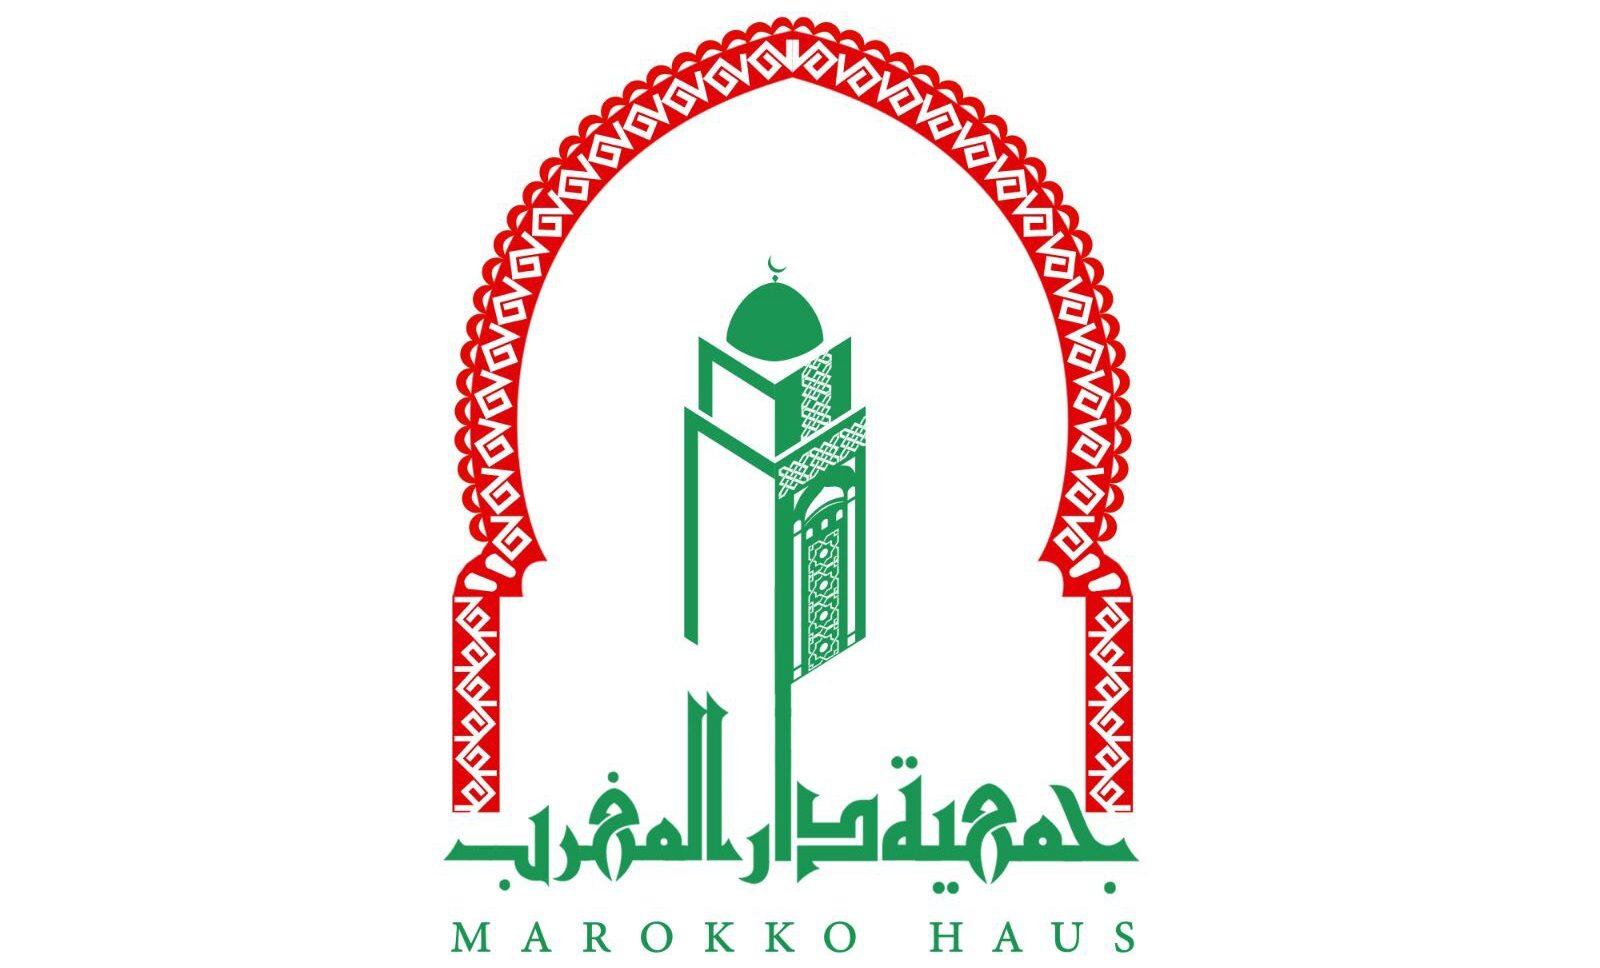 Marokko Haus fuer Kultur und Bildung e. V.